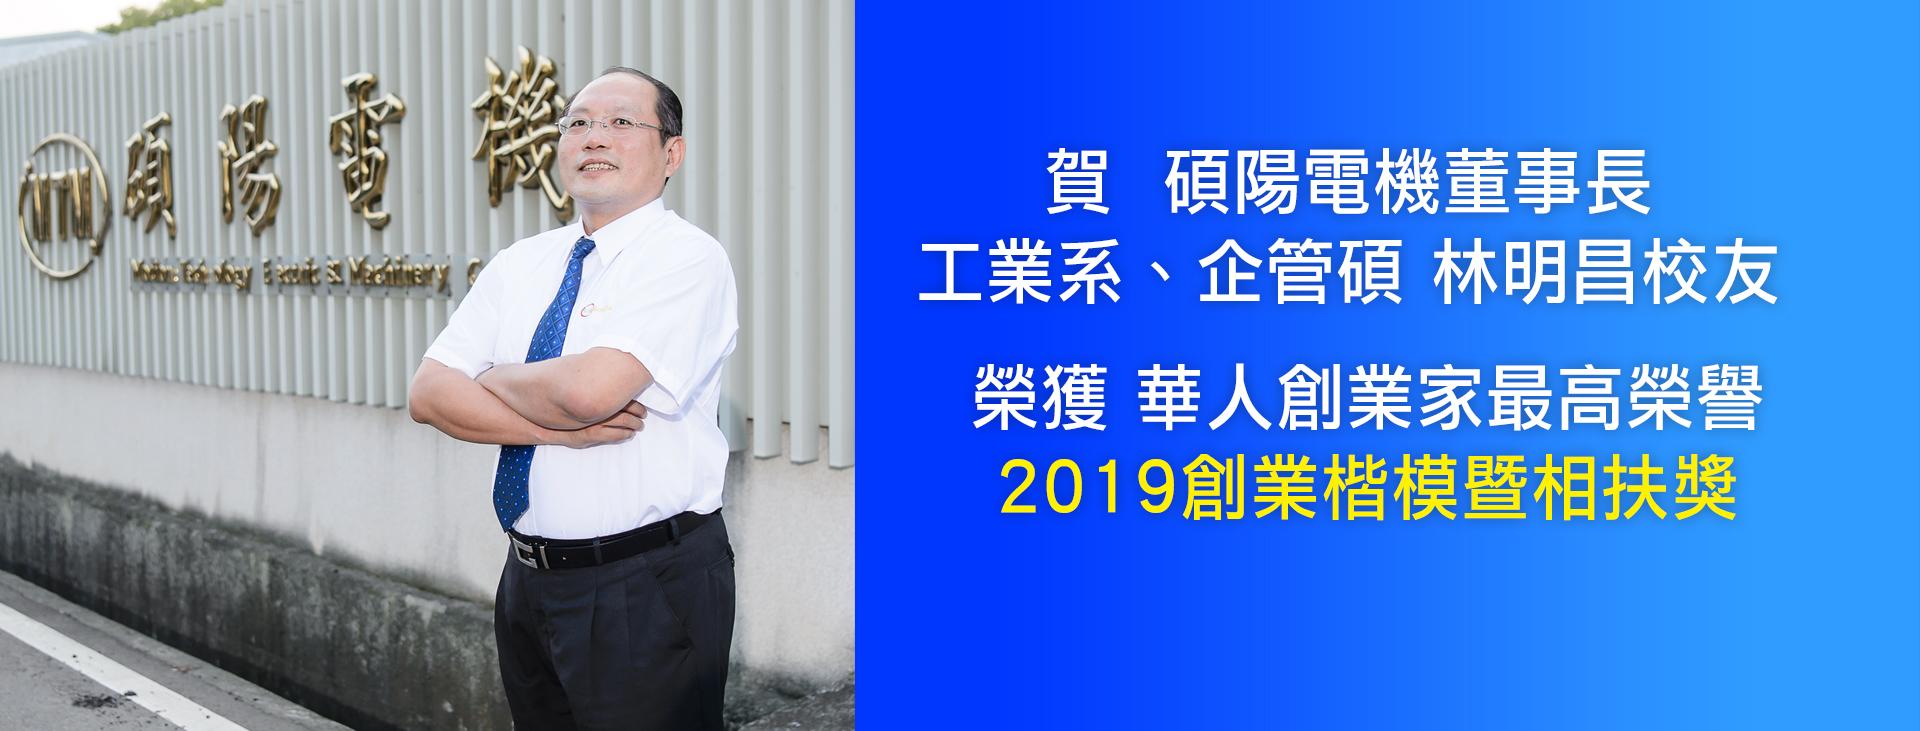 碩陽電機董事長  工業系、企管碩 林明昌校友榮獲  2019創業楷模暨相扶獎